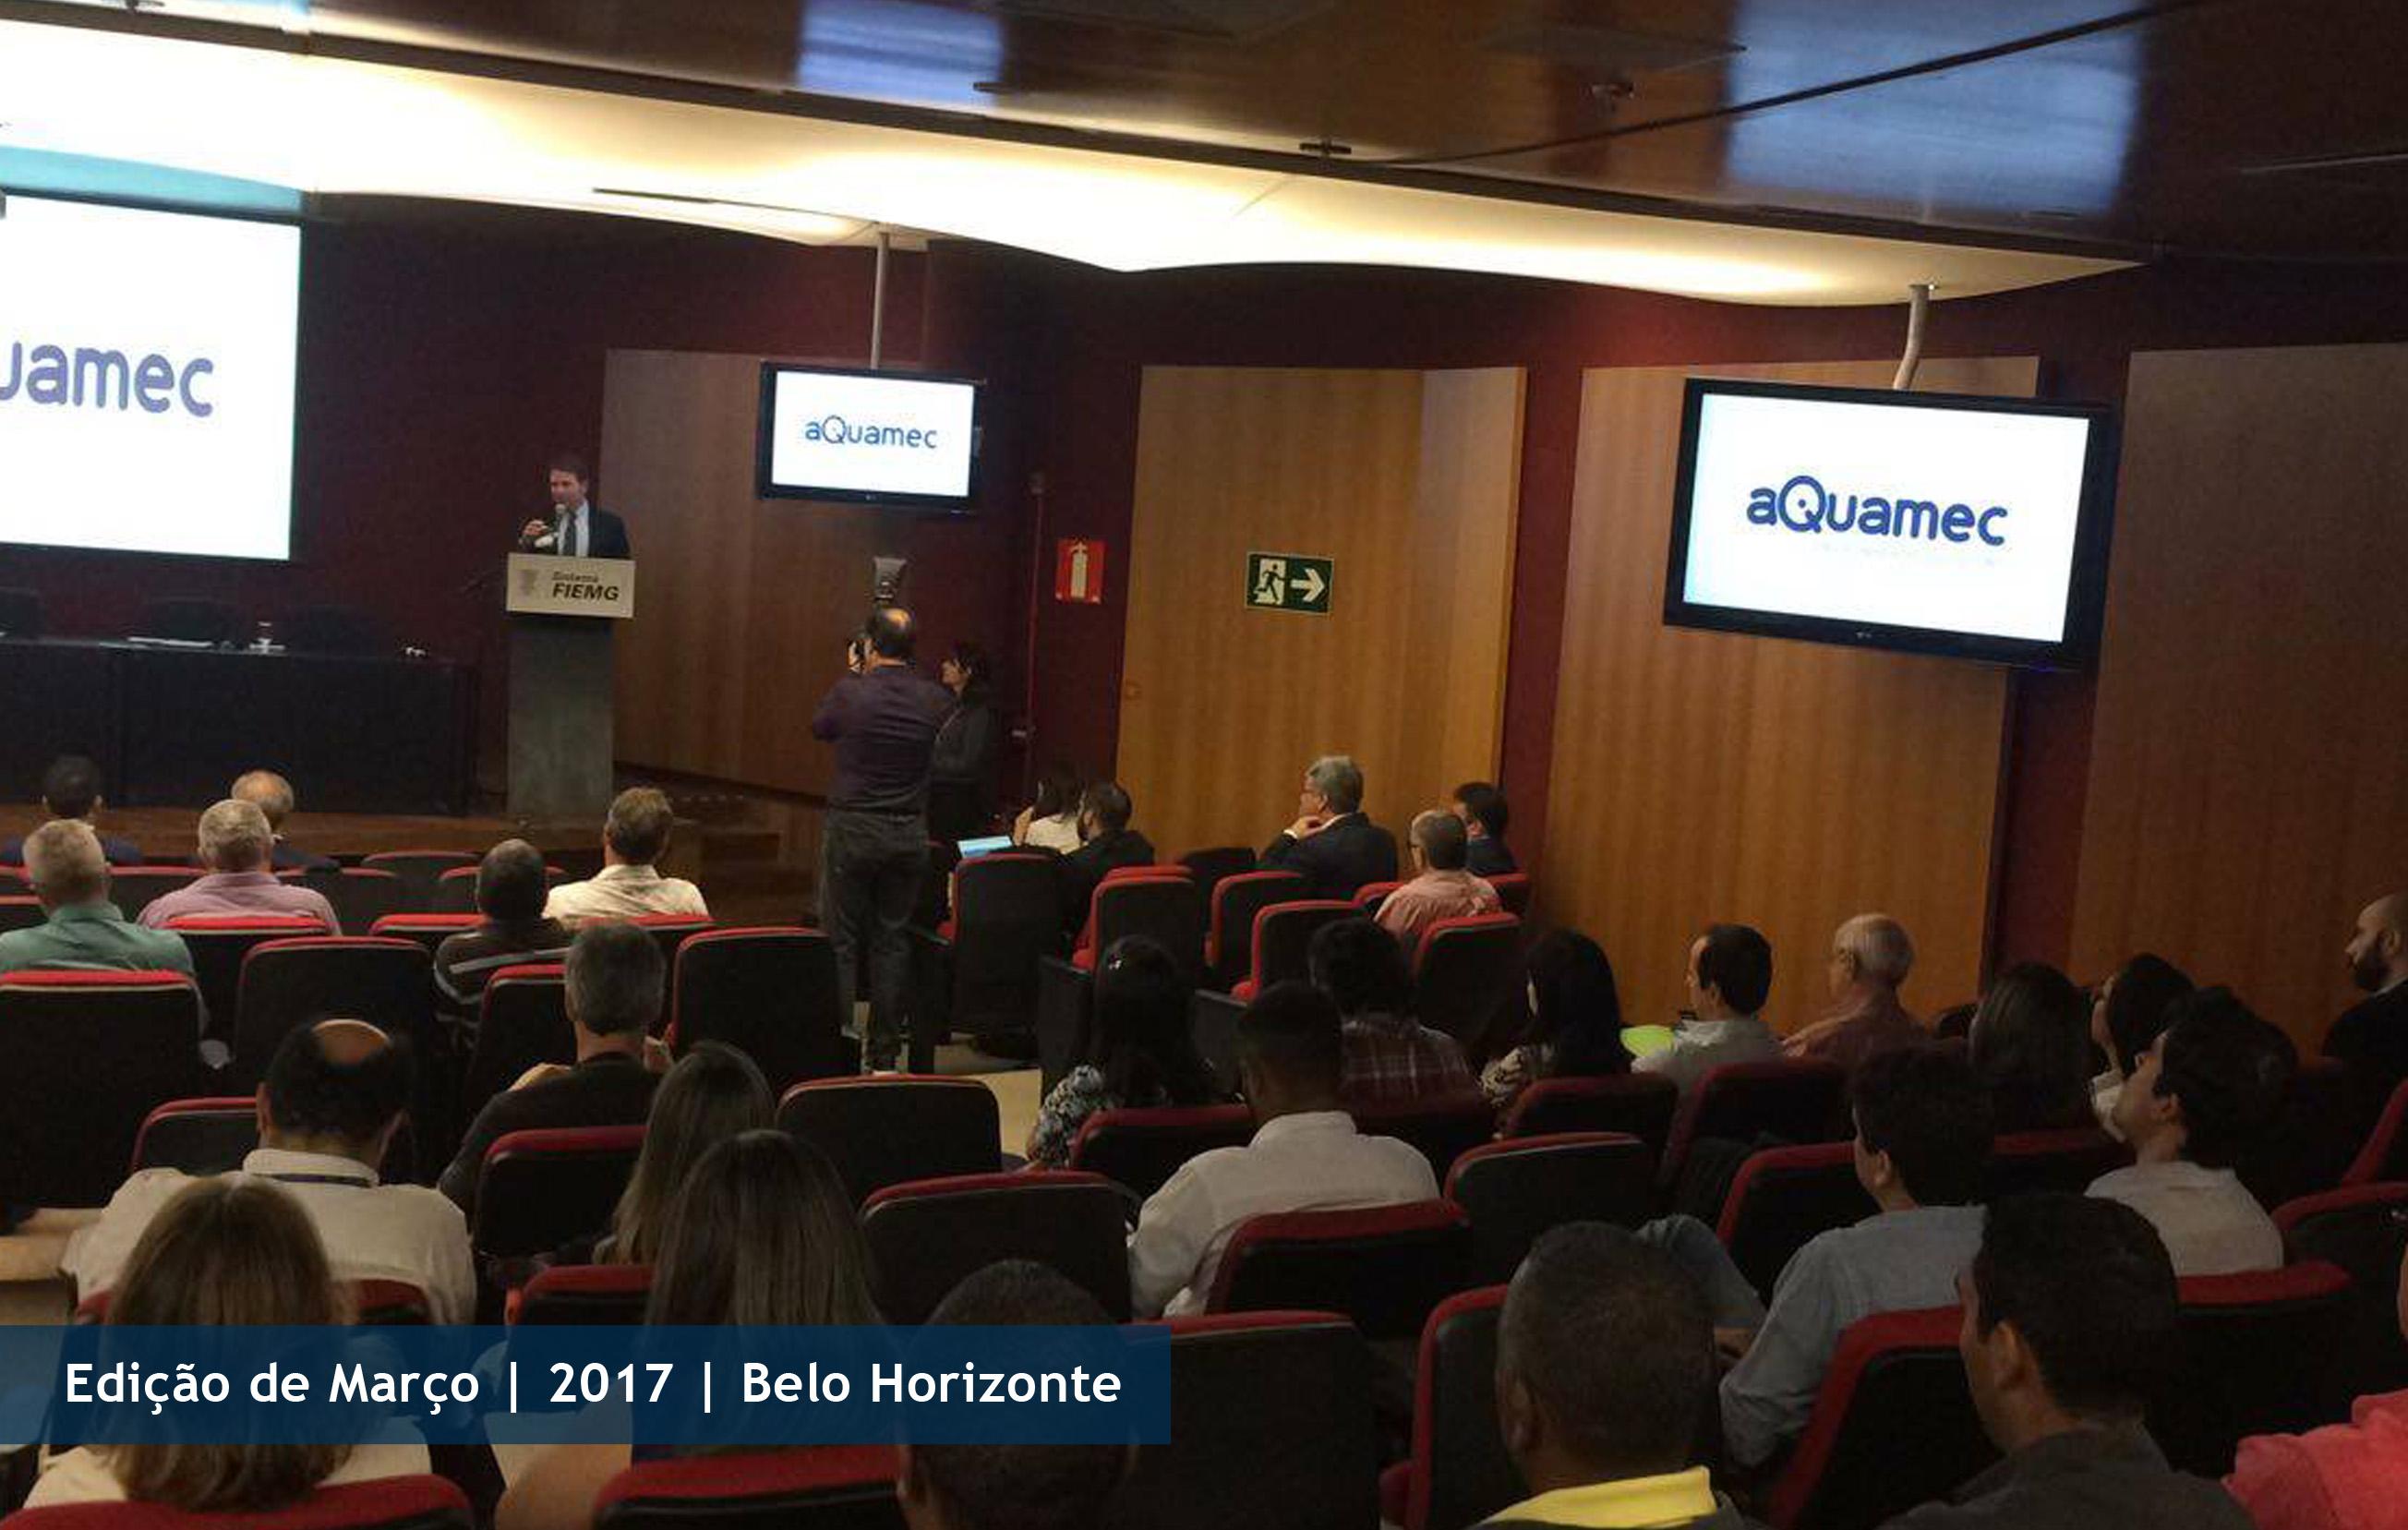 Edição de Belo Horizonte   2017